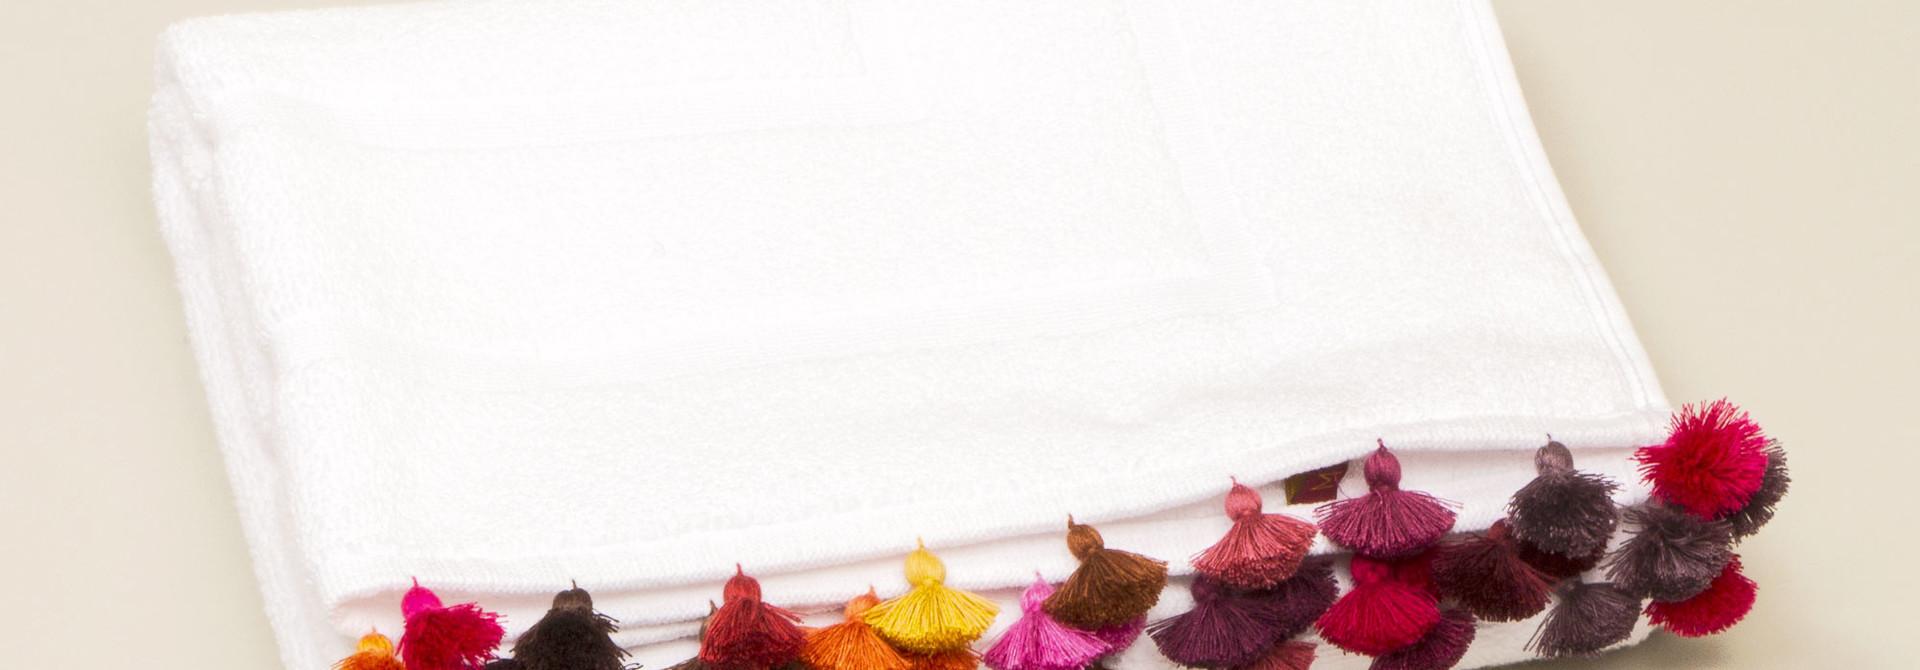 Duvet Cover King - White w/fringe - Bacci